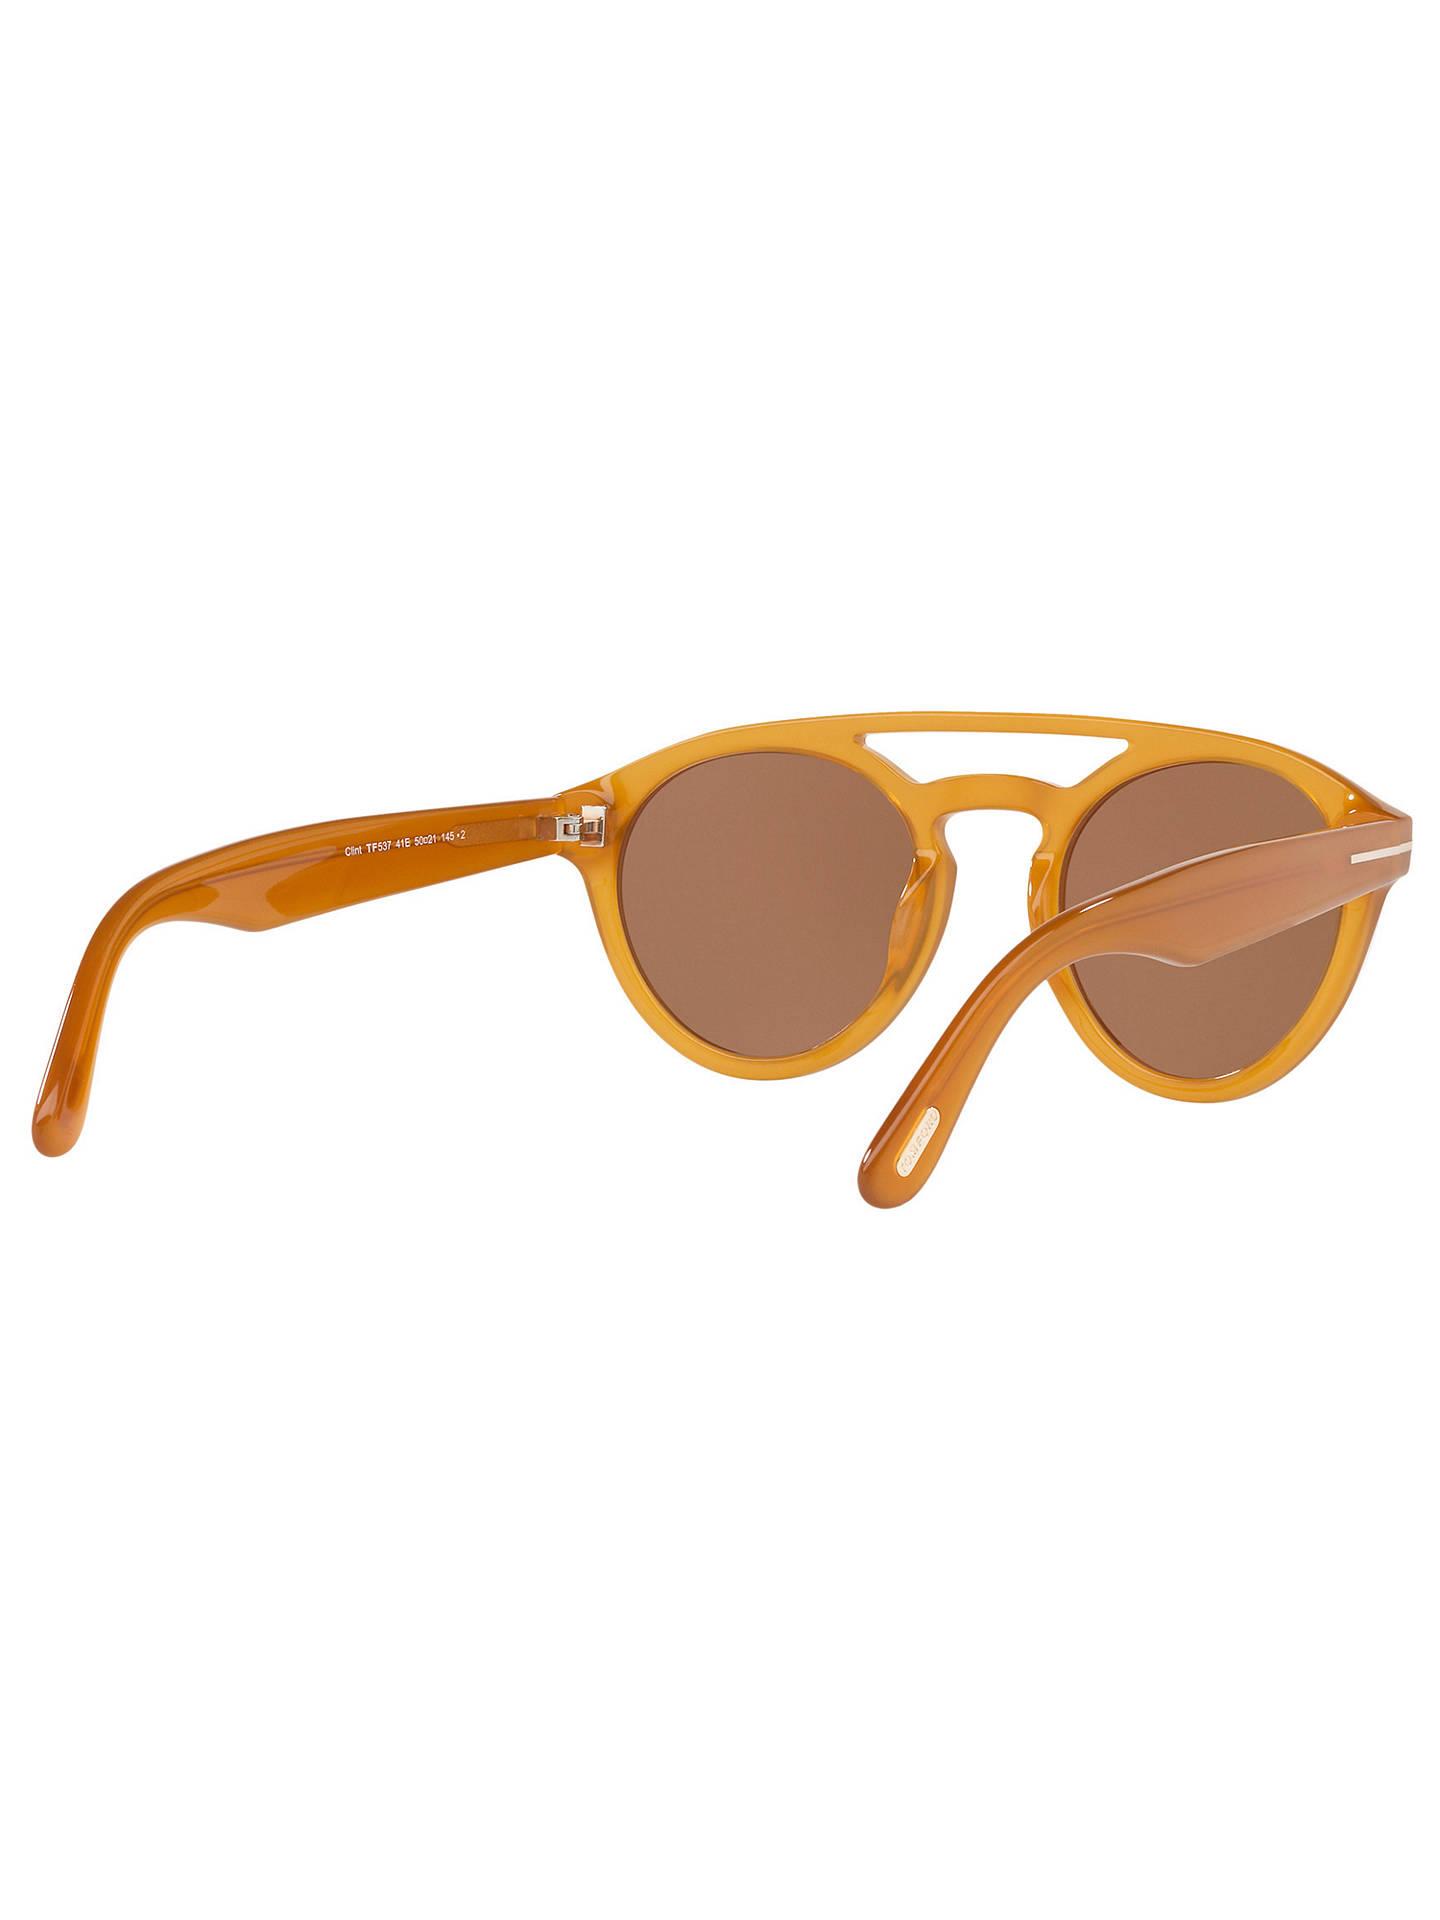 111e351cc7e4 ... Buy TOM FORD TF537 Clint Round Sunglasses